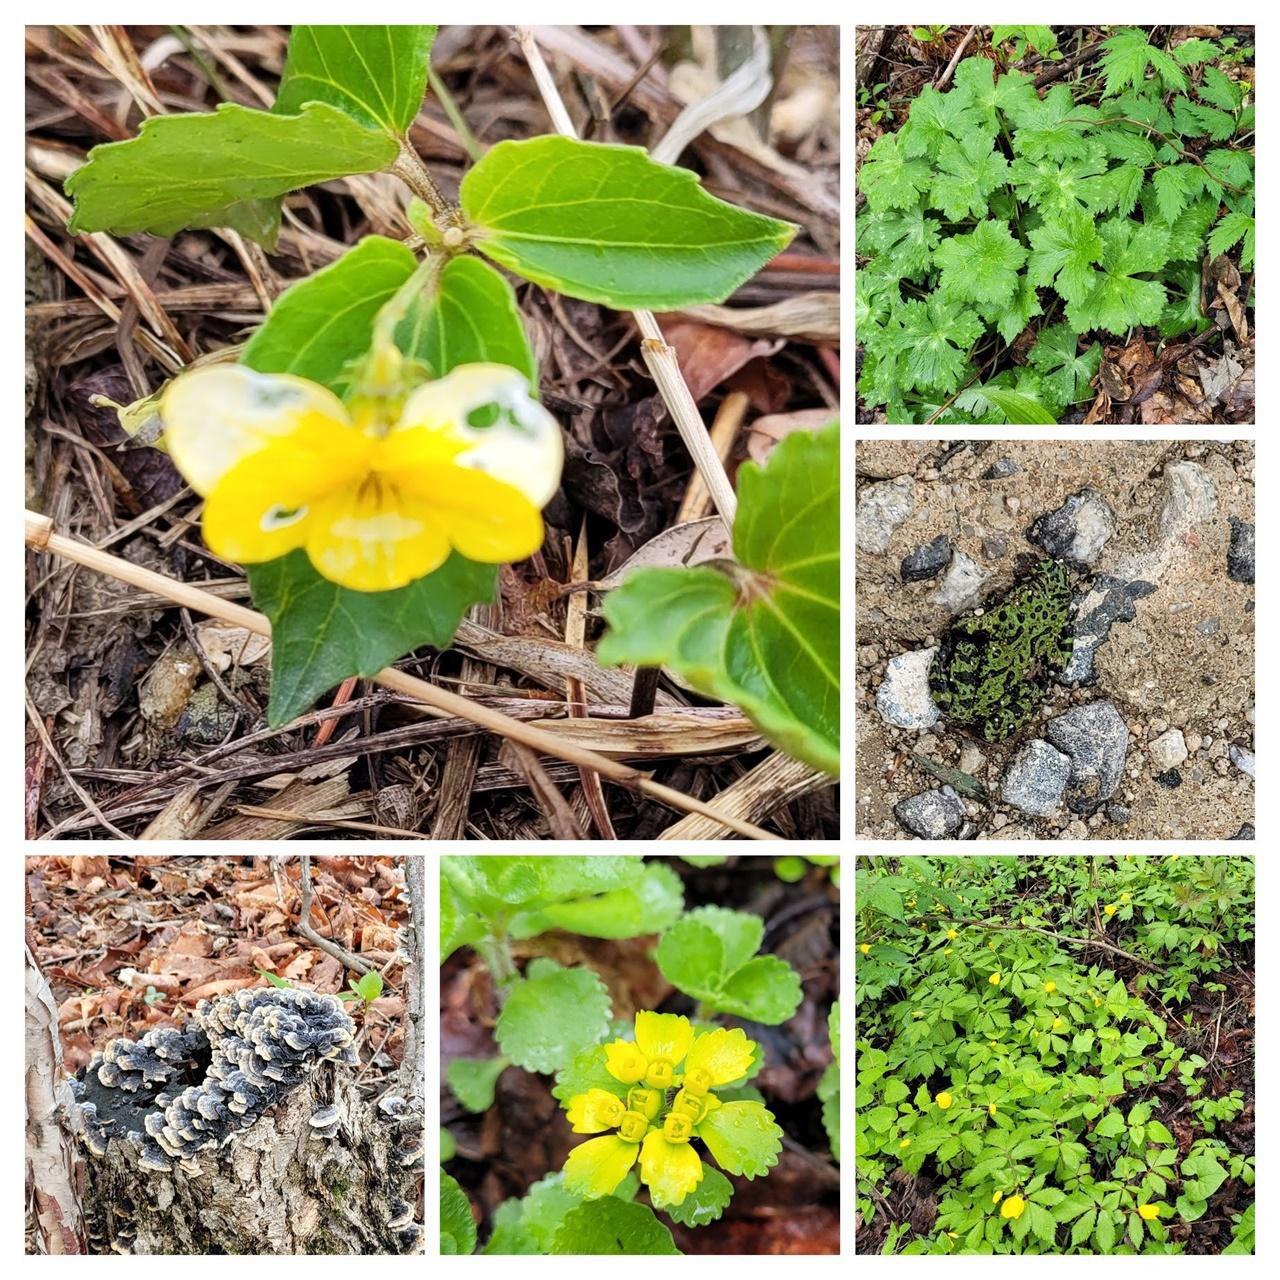 숲길에서 마주하는 생명체 시계 방향으로 제비꽃, 부자, 무당개구리, 피나물, 금괭이꽃, 구름버섯